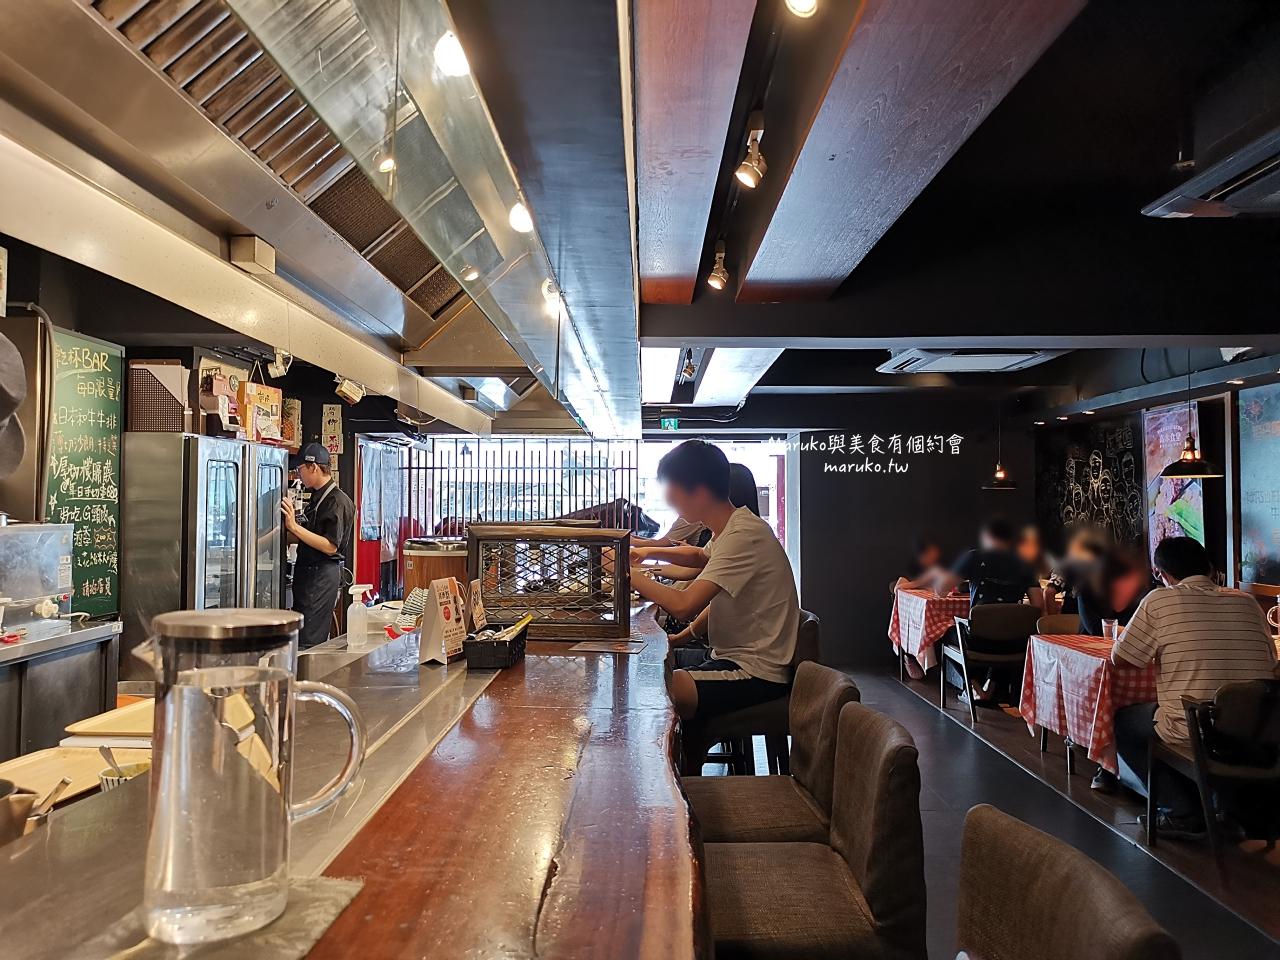 【台北】高木食堂/午間限定和牛定食只要250元起/忠孝敦化站美食 @Maruko與美食有個約會